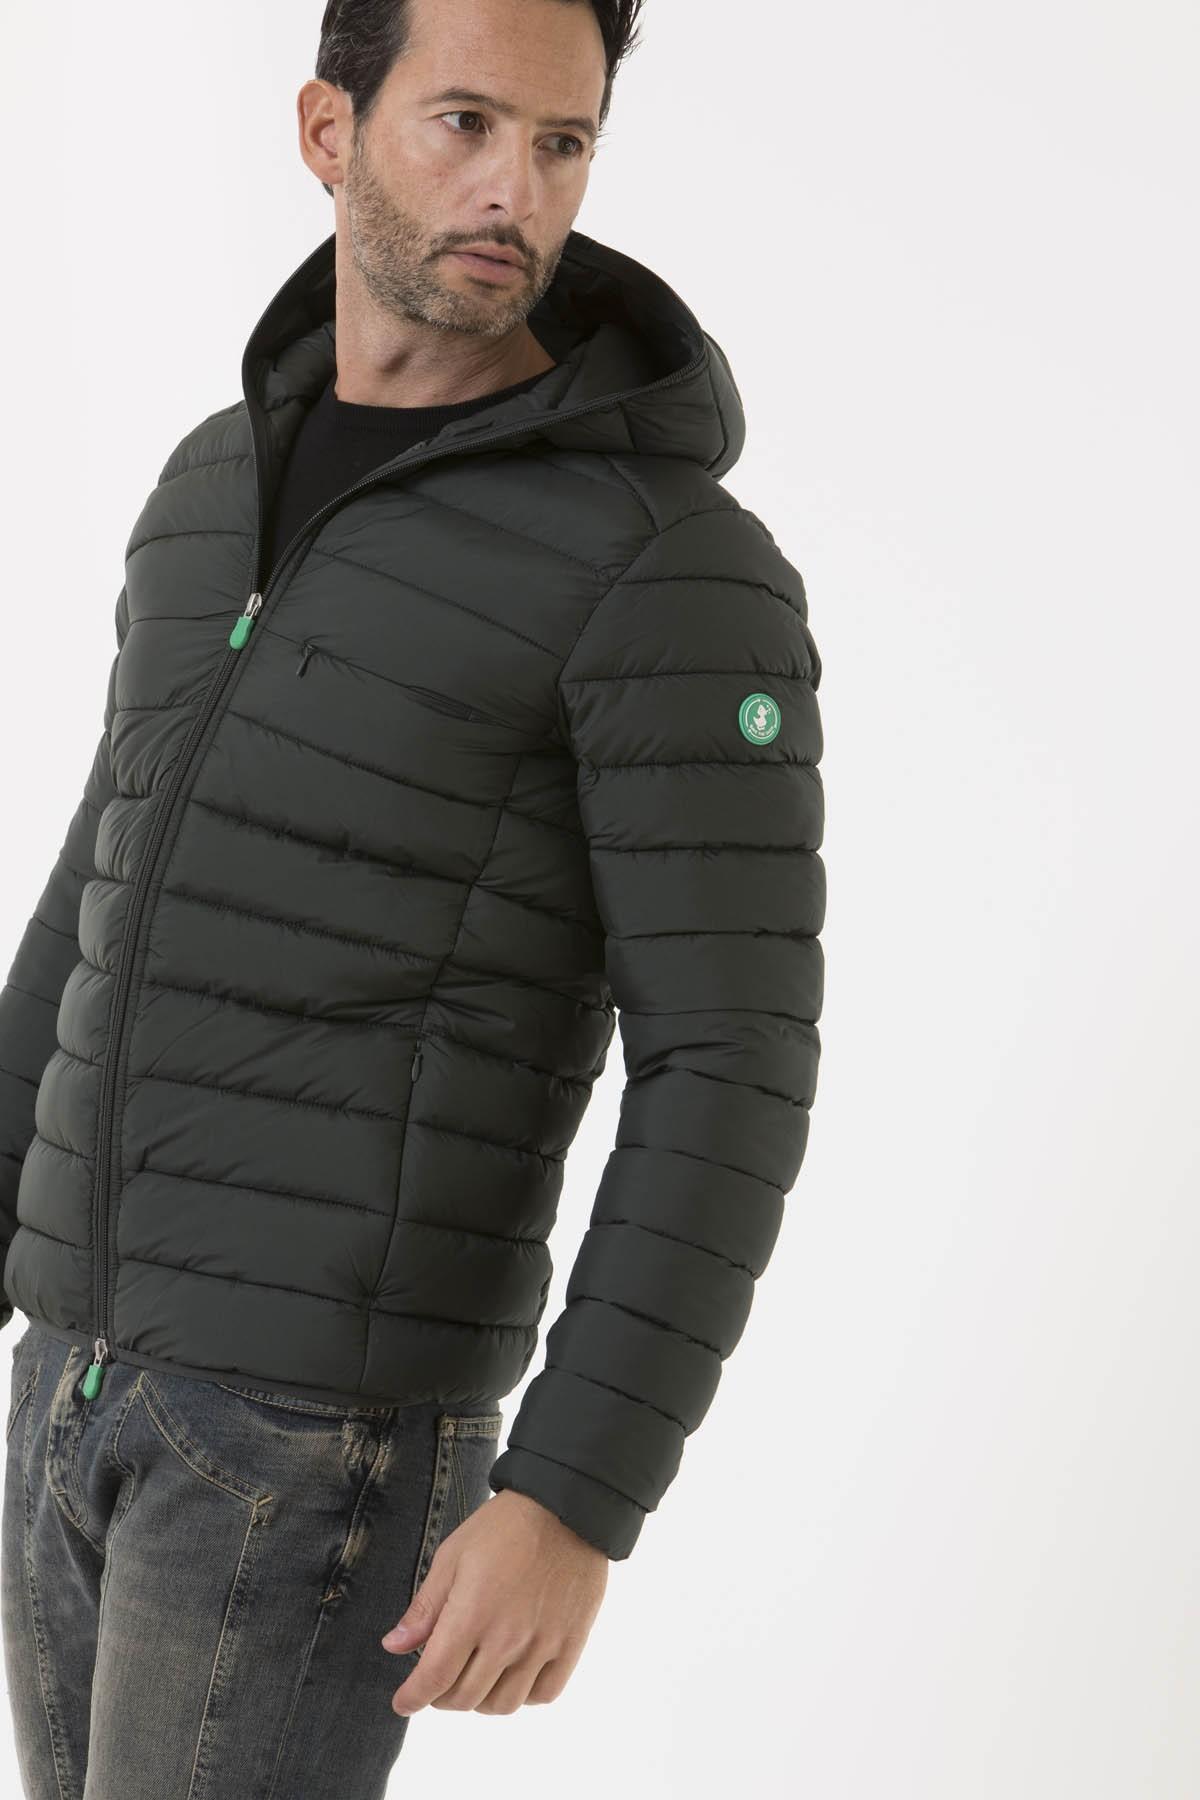 718326120b5cf0 Jacket for man D3712M RECY7 SAVE THE DUCK F/W 18-19 - Rione Fontana